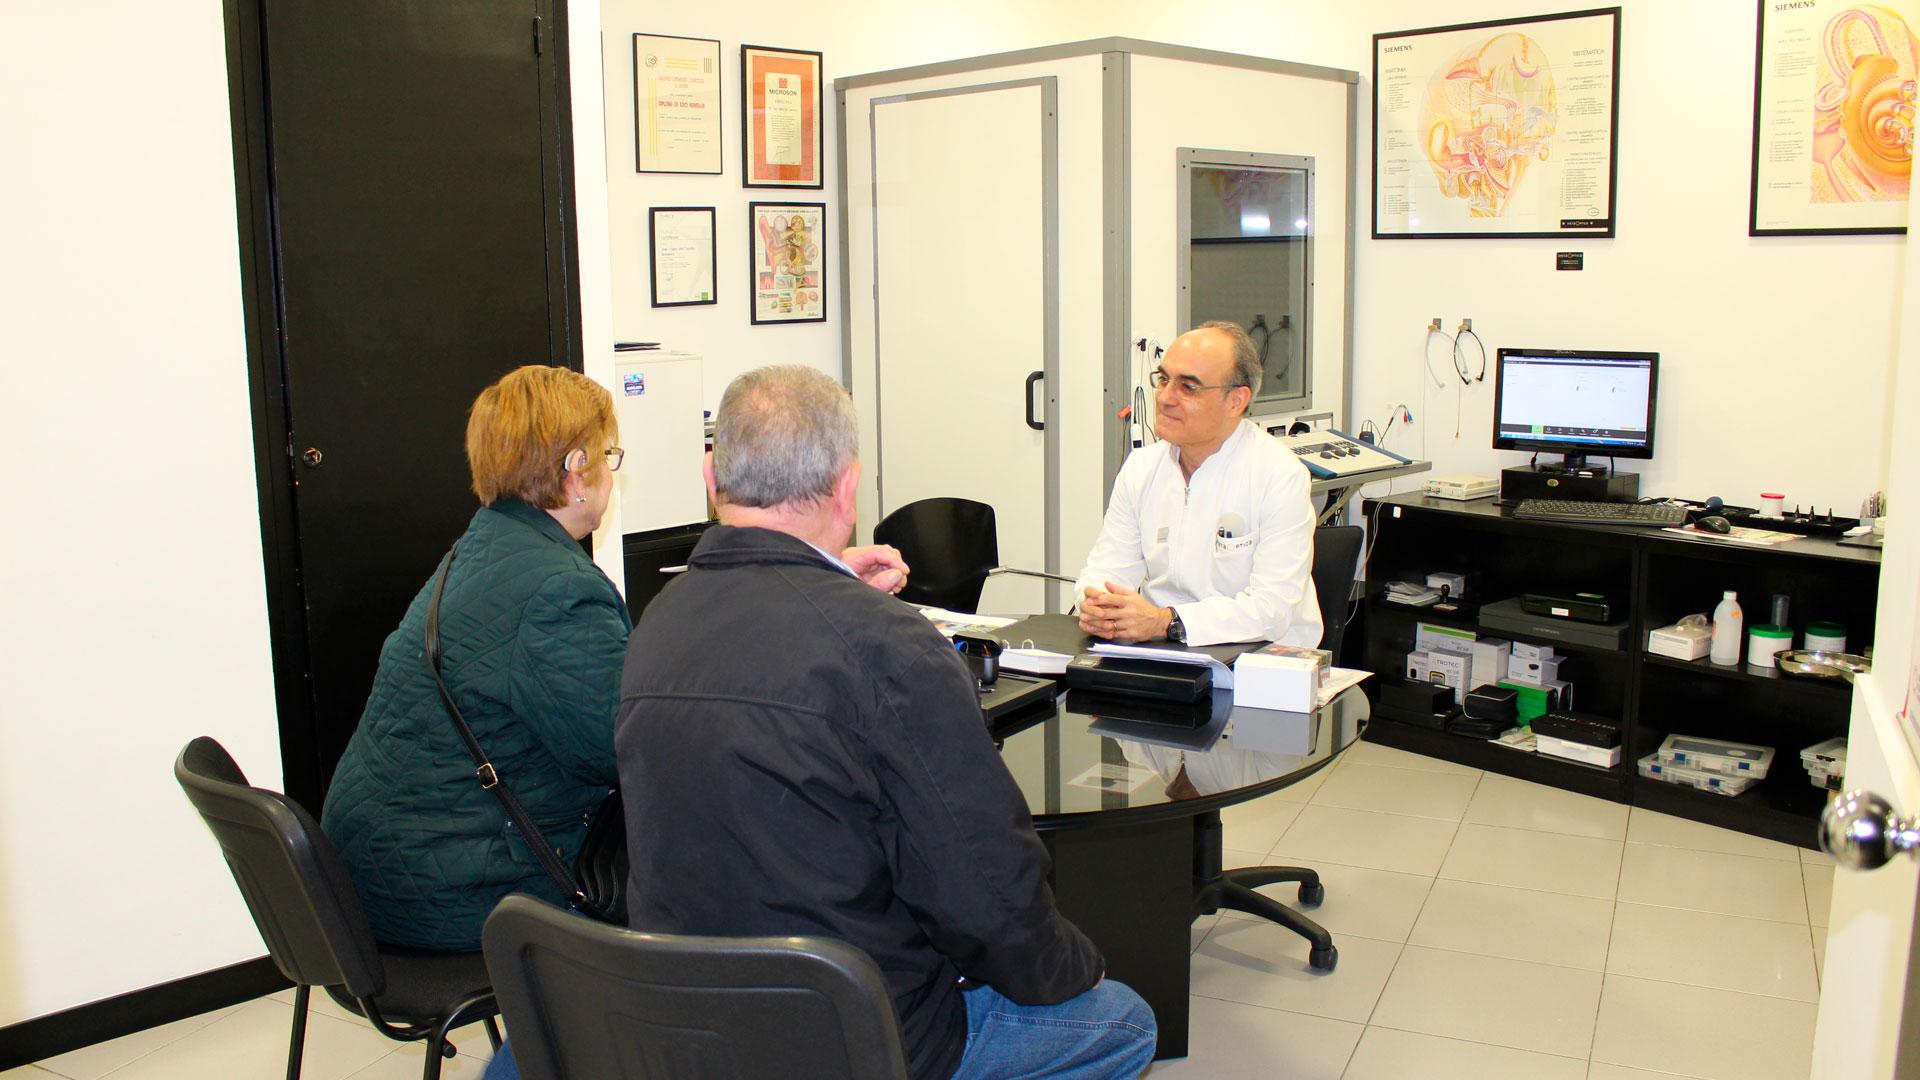 Atención en nuestro centro de Av. Masnou en el Hospitalet de Llobregat